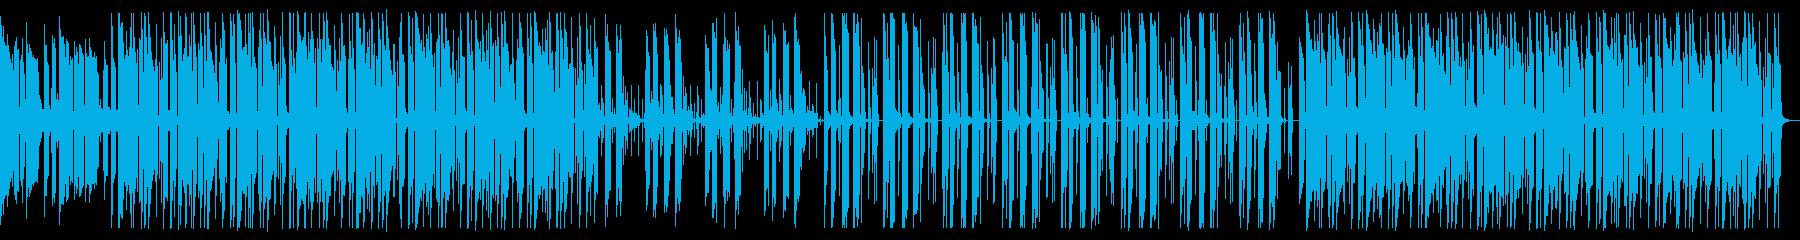 落ち着いた雰囲気のHiphopの再生済みの波形